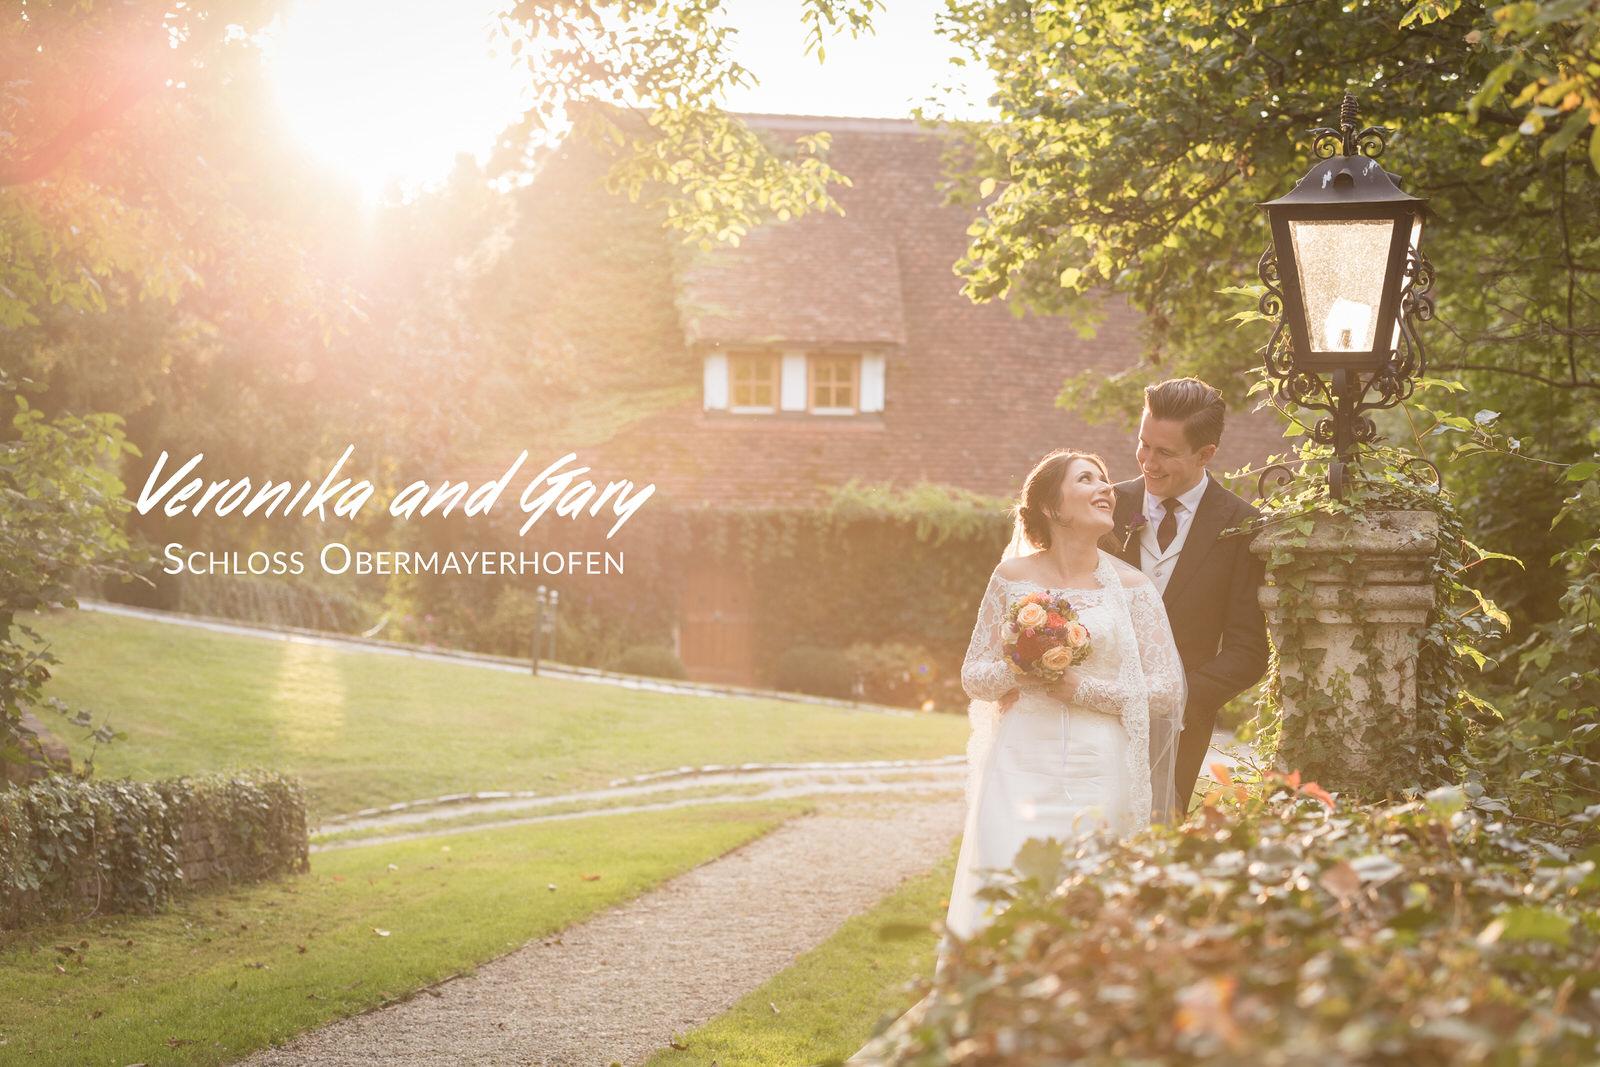 Veronika and Gary's Destination Wedding - Scholoss Obermayerhofen